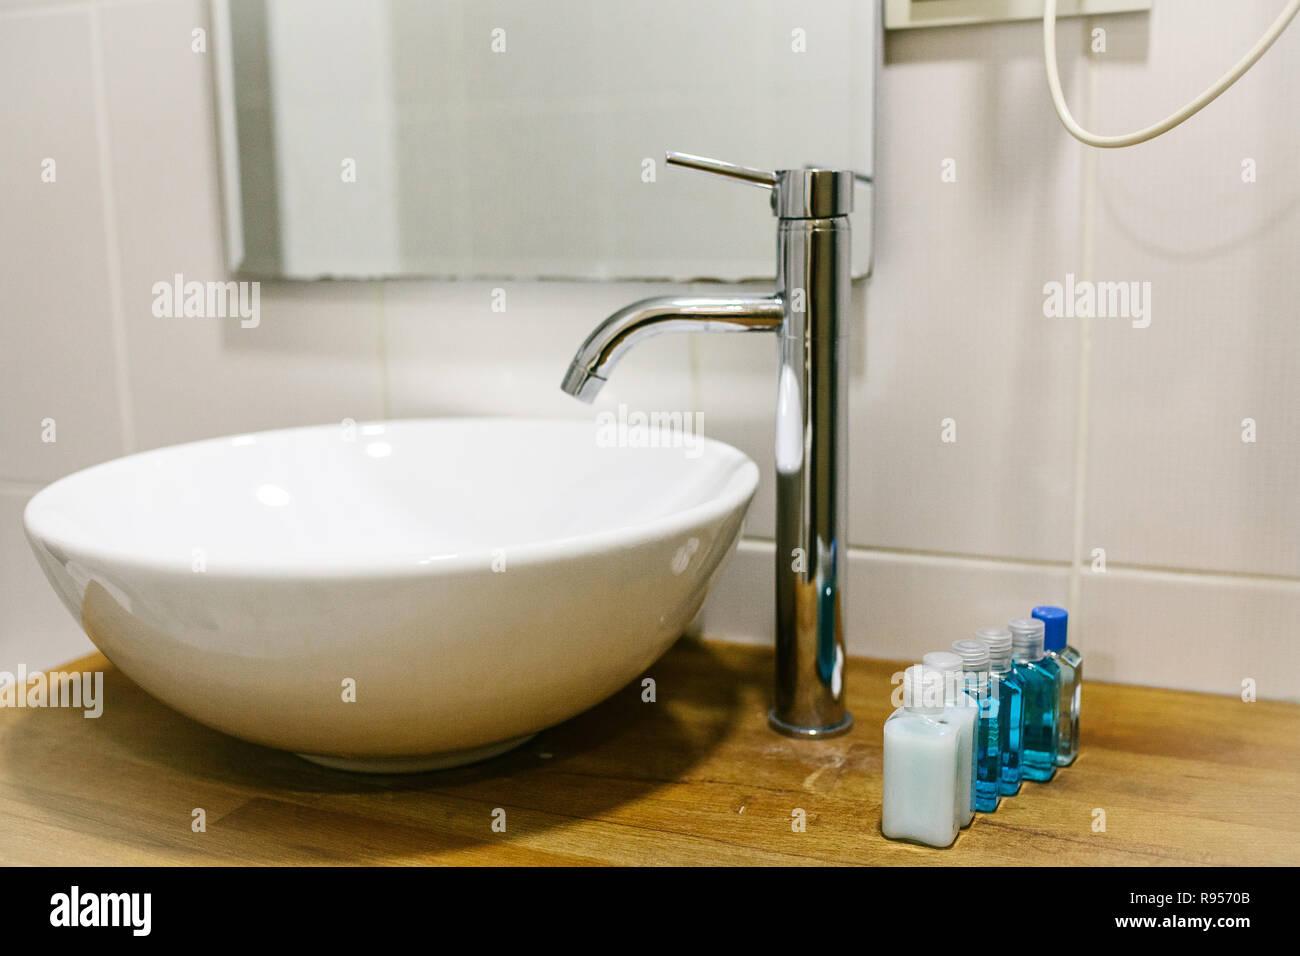 Accesorios Para El Baño Imágenes De Stock & Accesorios Para El Baño ...